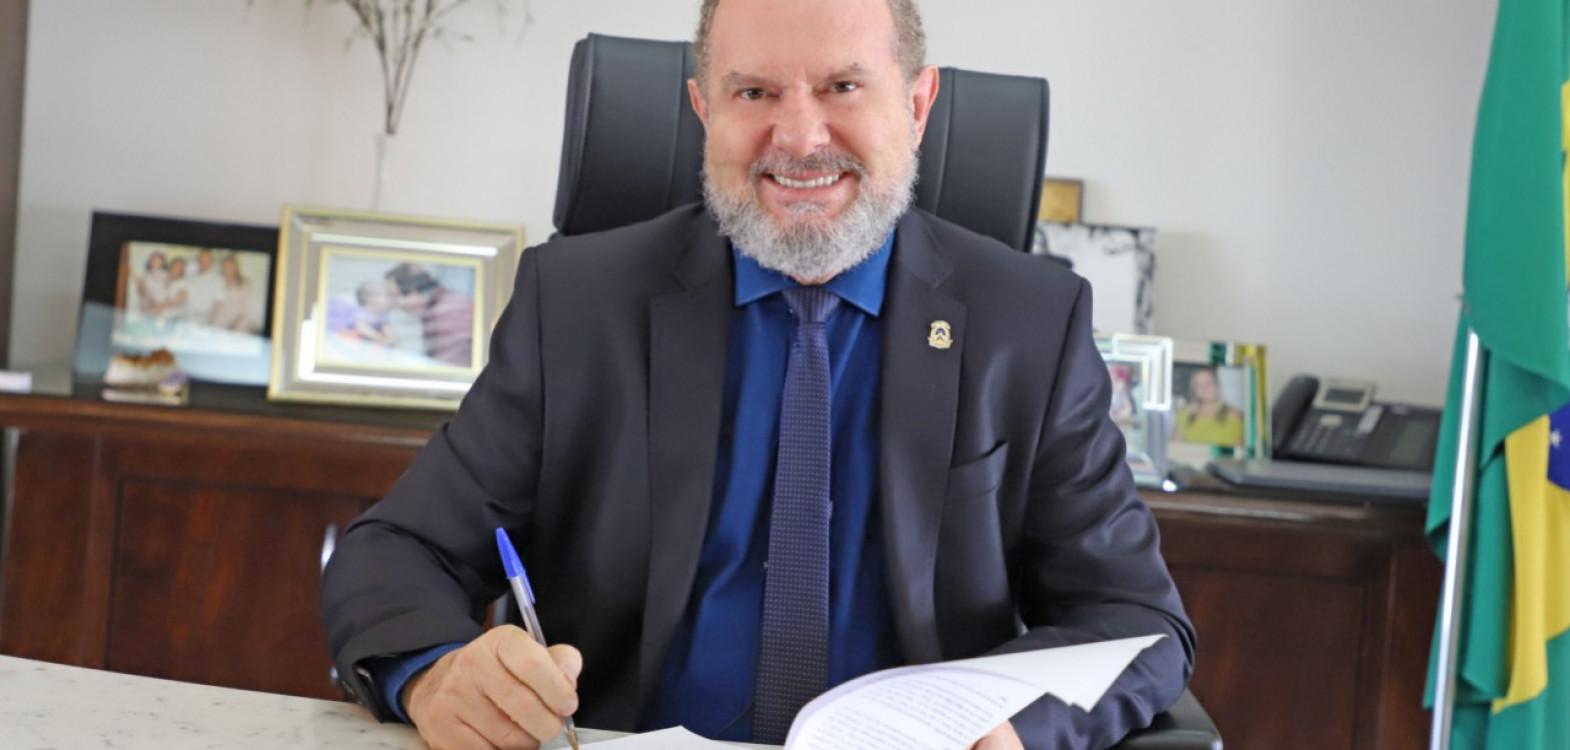 Governador Mauro Carlesse cumpre agenda em municípios do Bico do Papagaio nestas segunda e terça-feira, 21 e 22